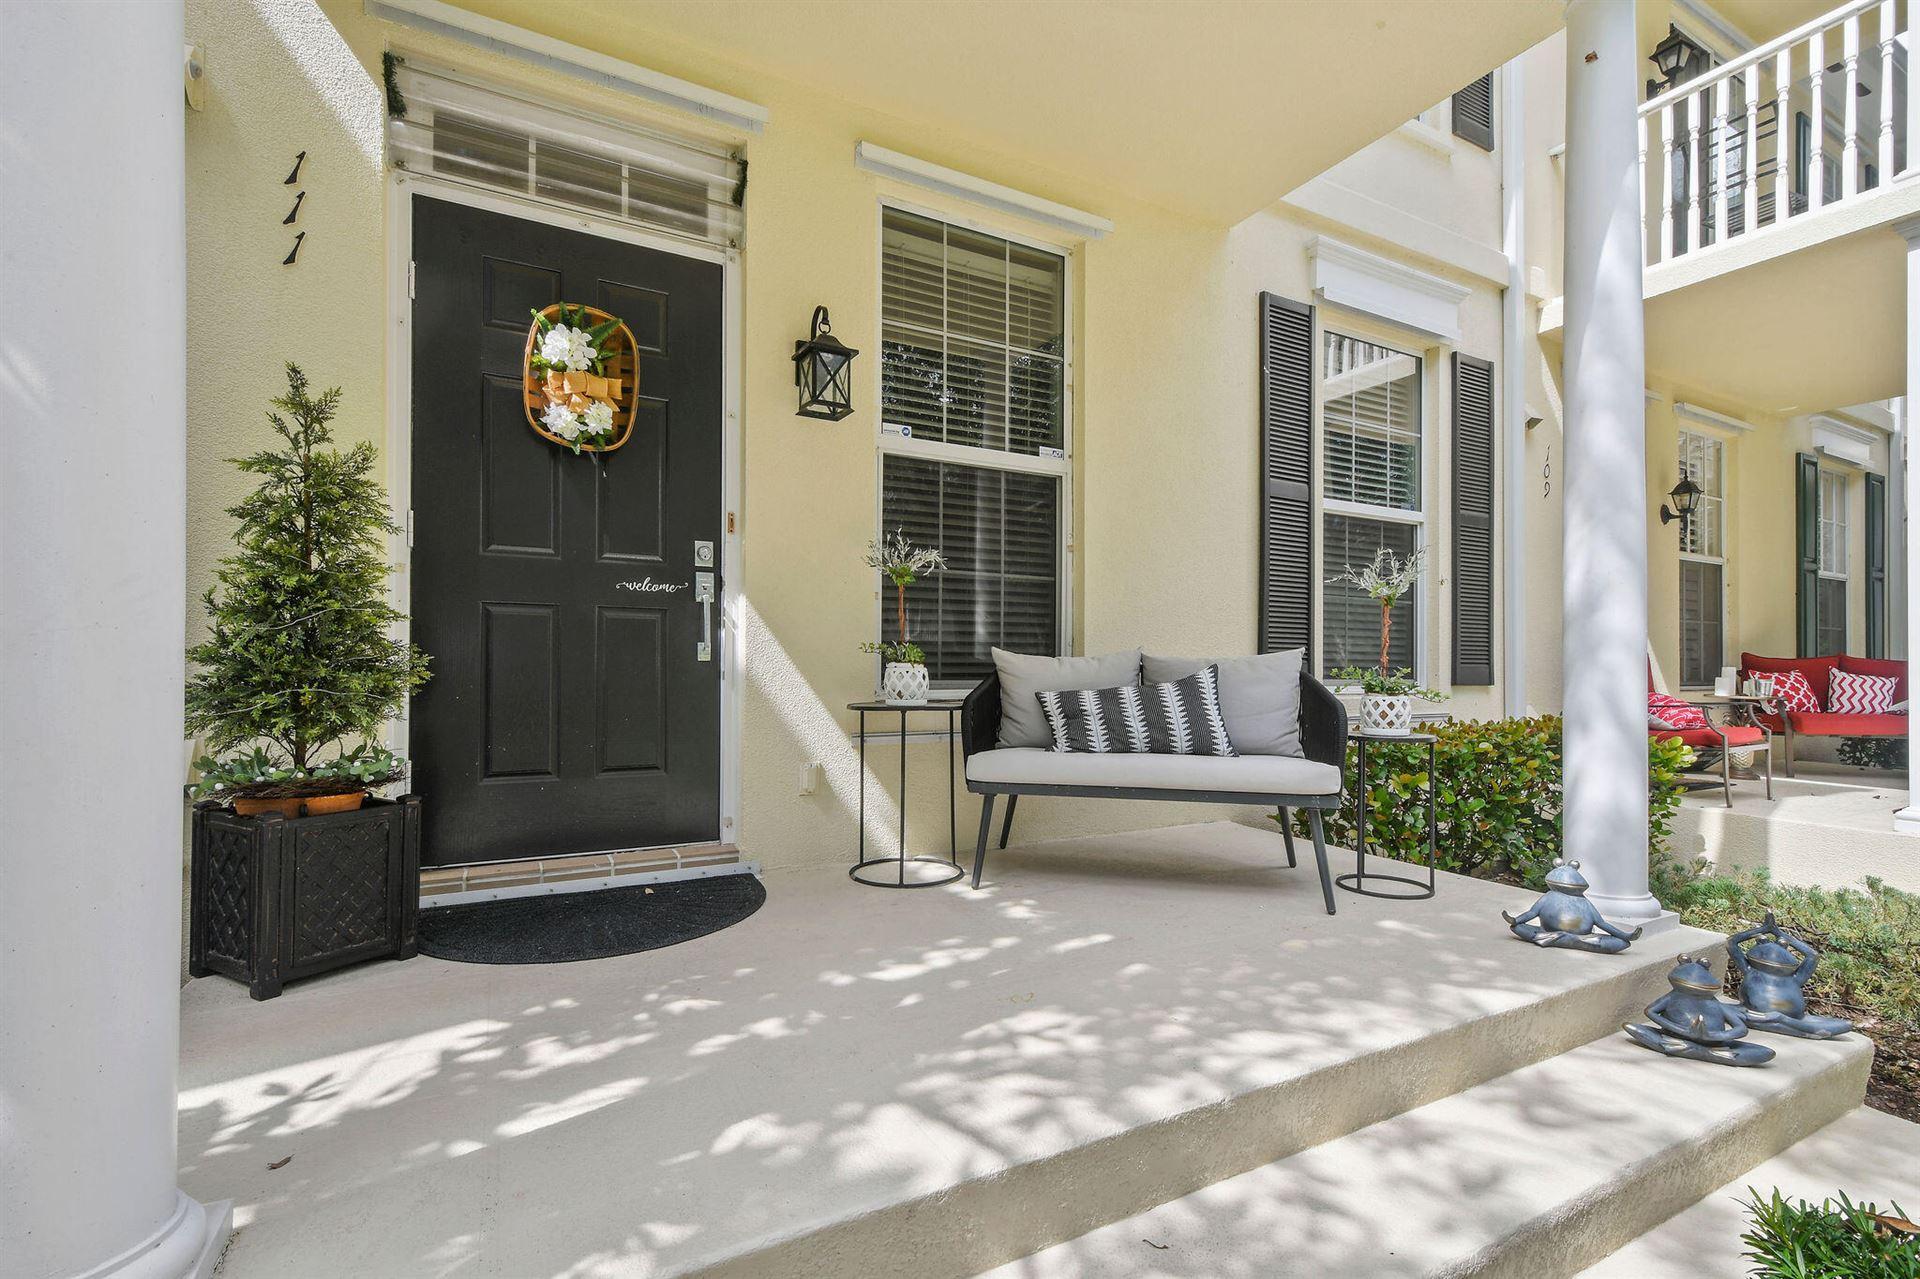 Photo of 111 Ashley Court, Jupiter, FL 33458 (MLS # RX-10753343)